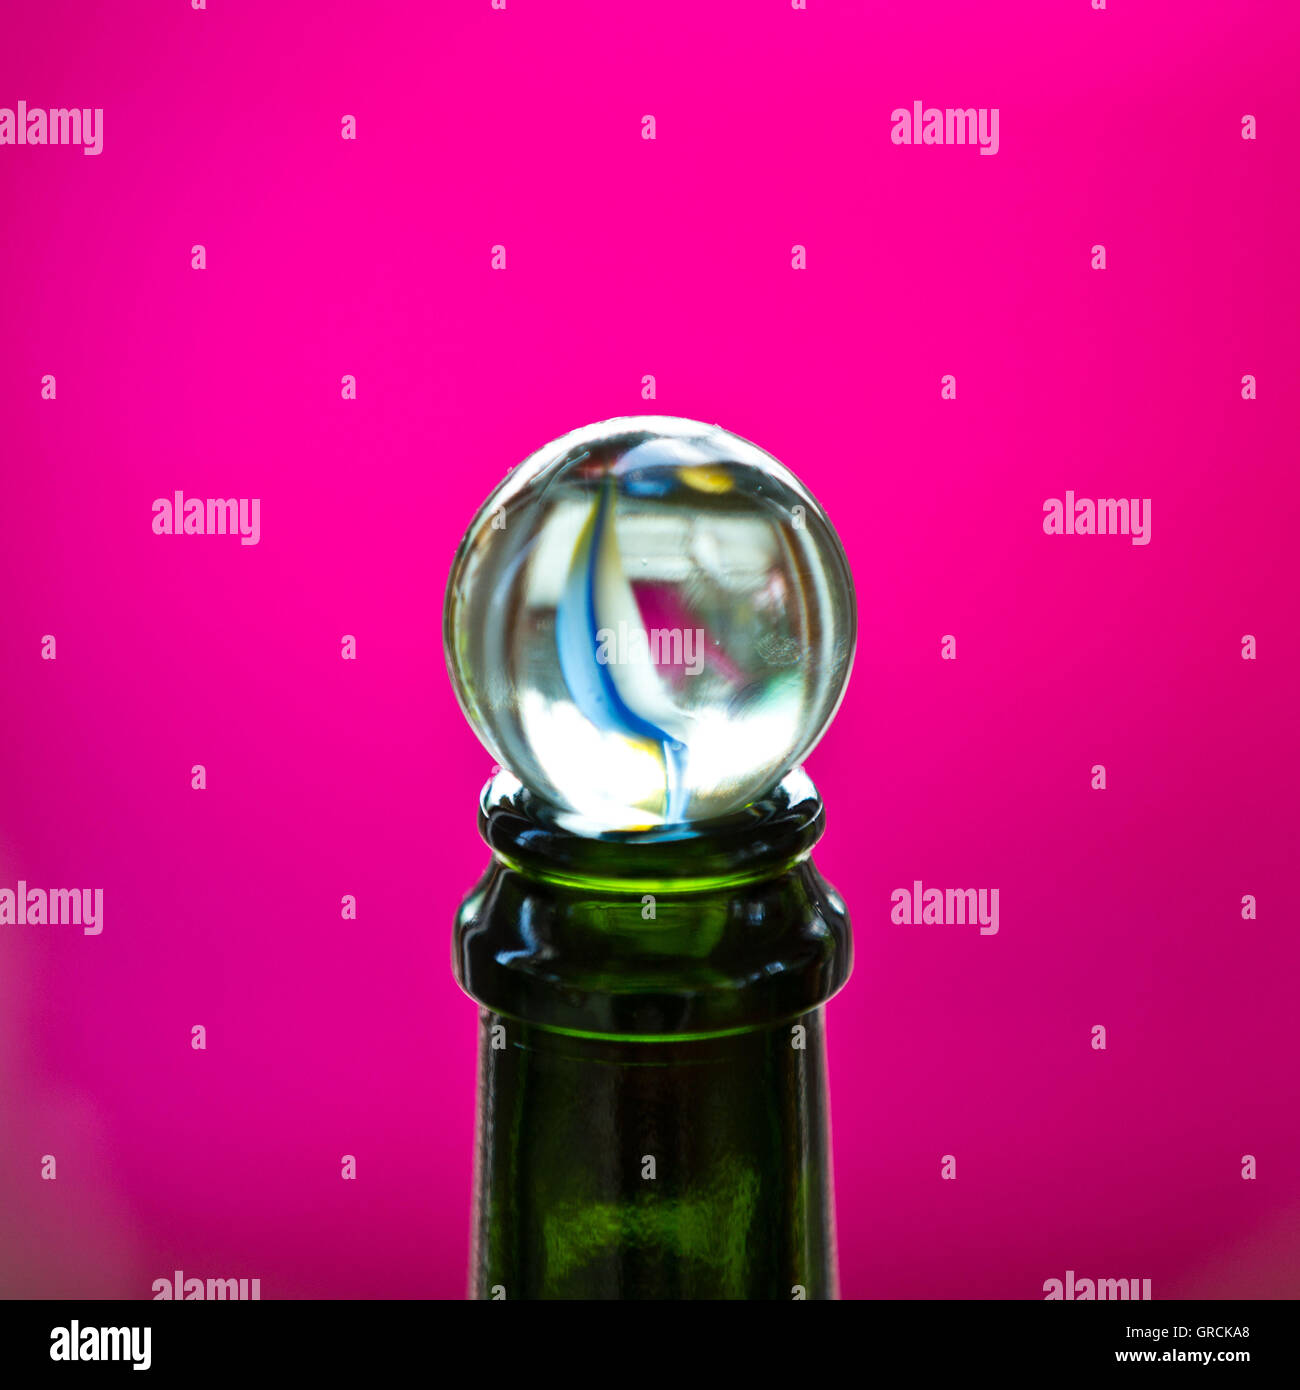 Glass Marble On Bottleneck - Stock Image